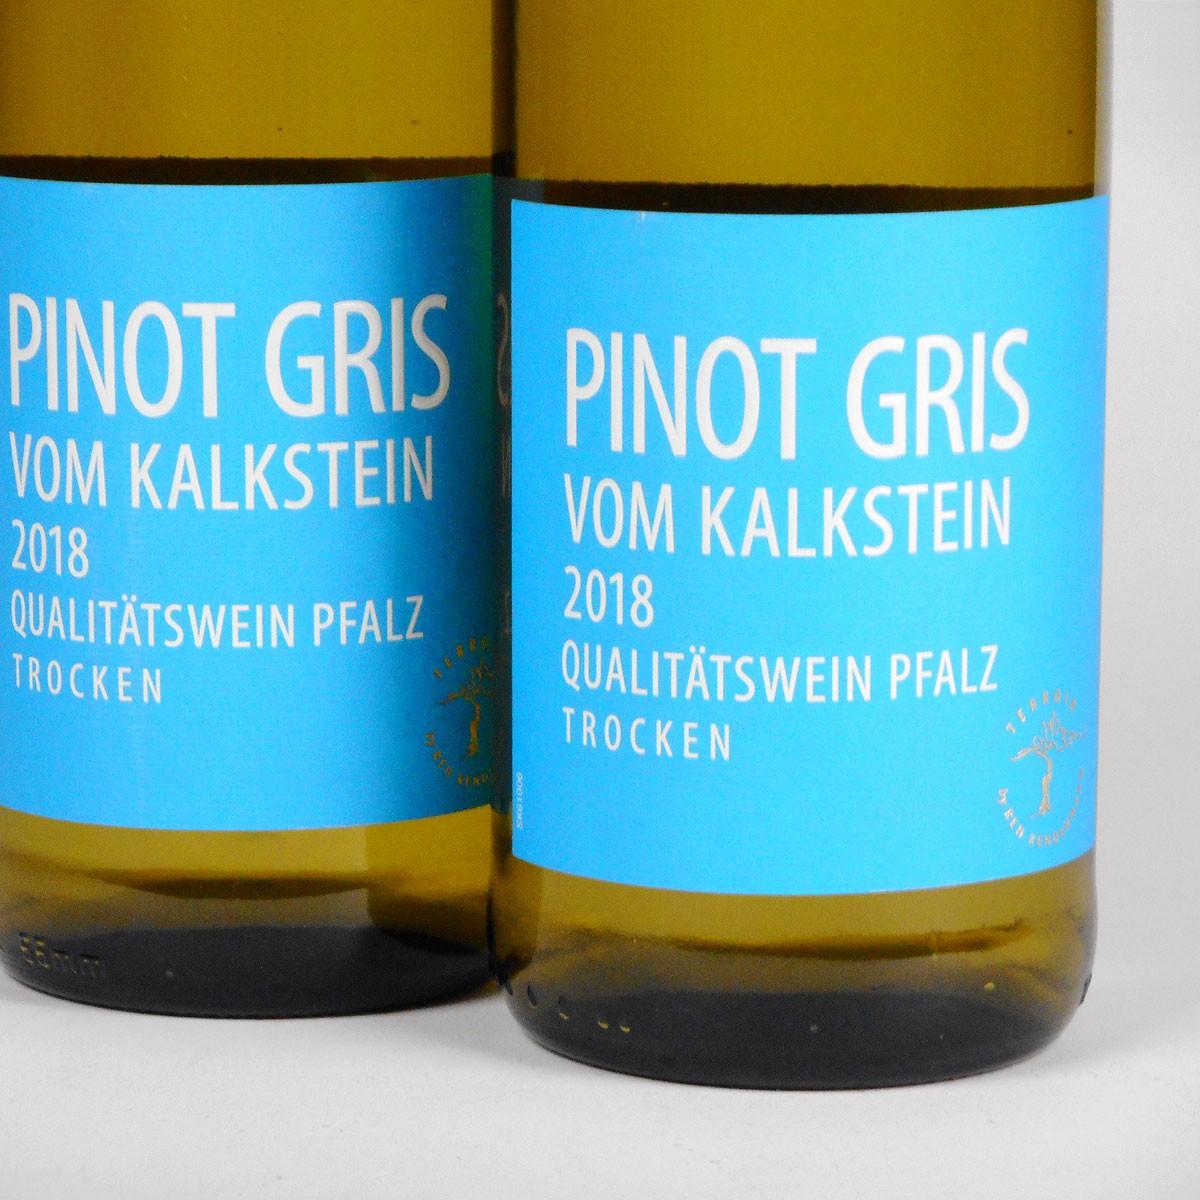 Pfalz: Pinot Gris vom Kalkstein 2018